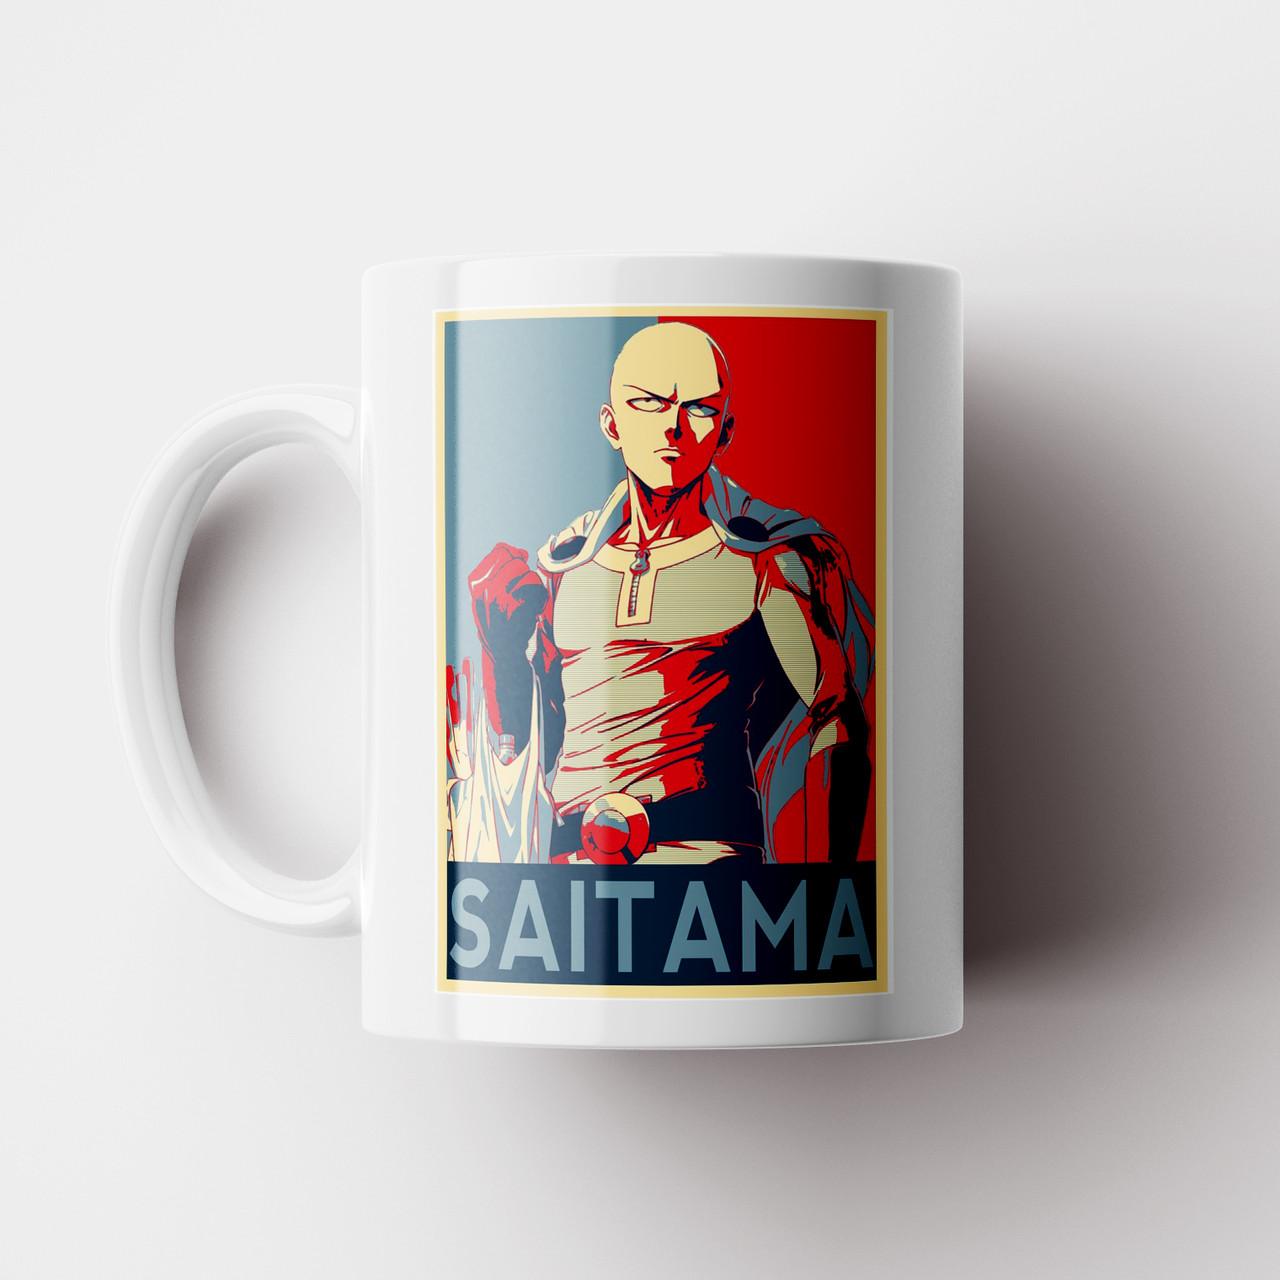 Чашка Сайтама Ван Панч Мен. Аниме. Saitama One Punch Man Чашка с фото